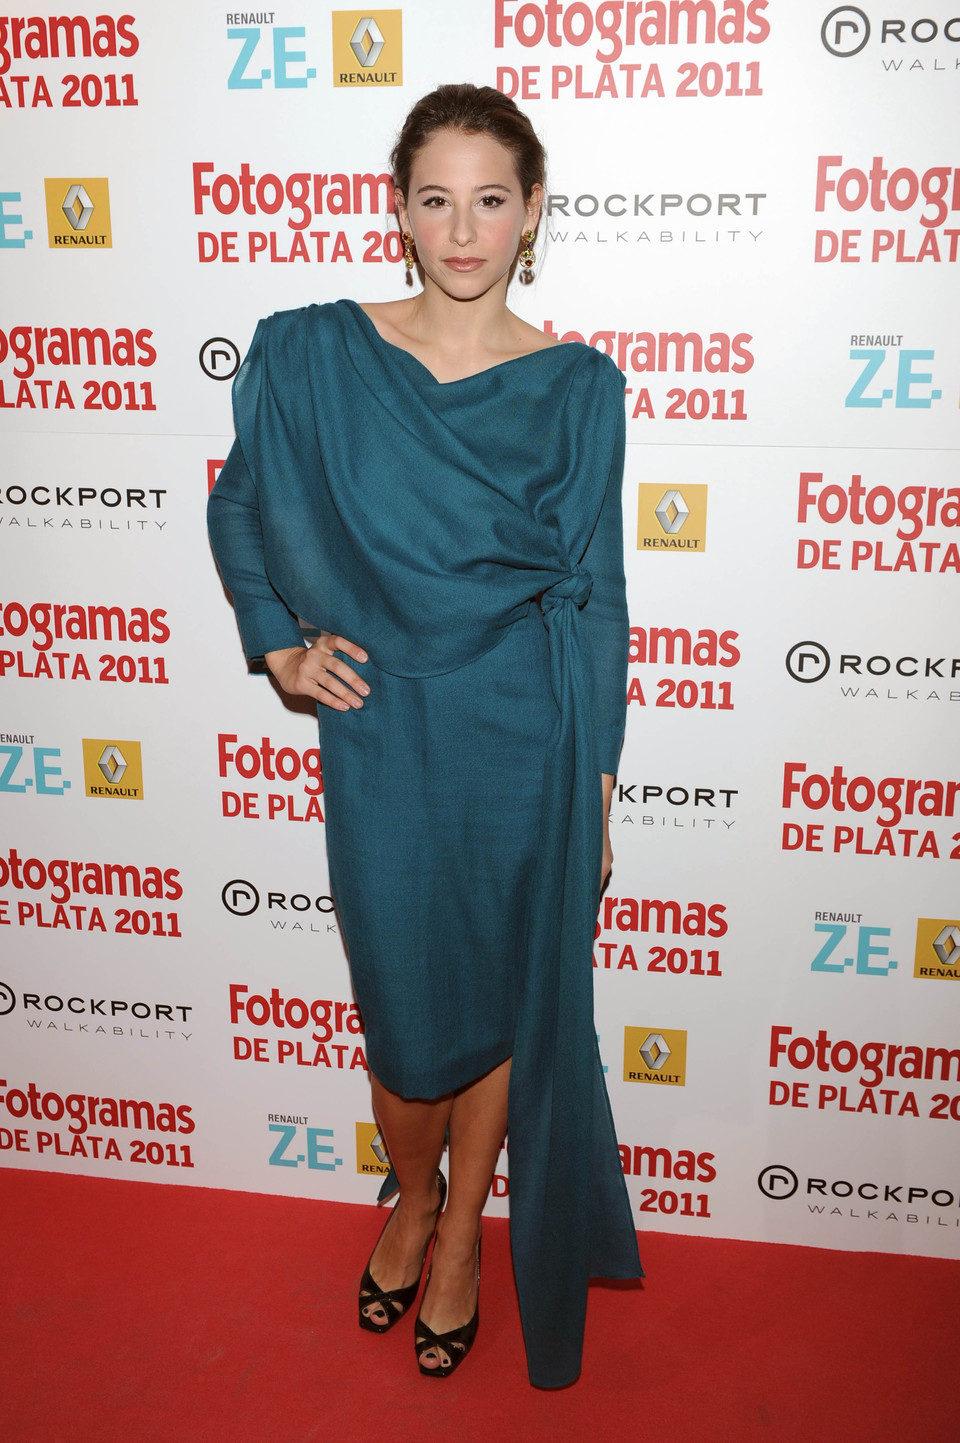 Irene Escolar en los Fotogramas de Plata 2011